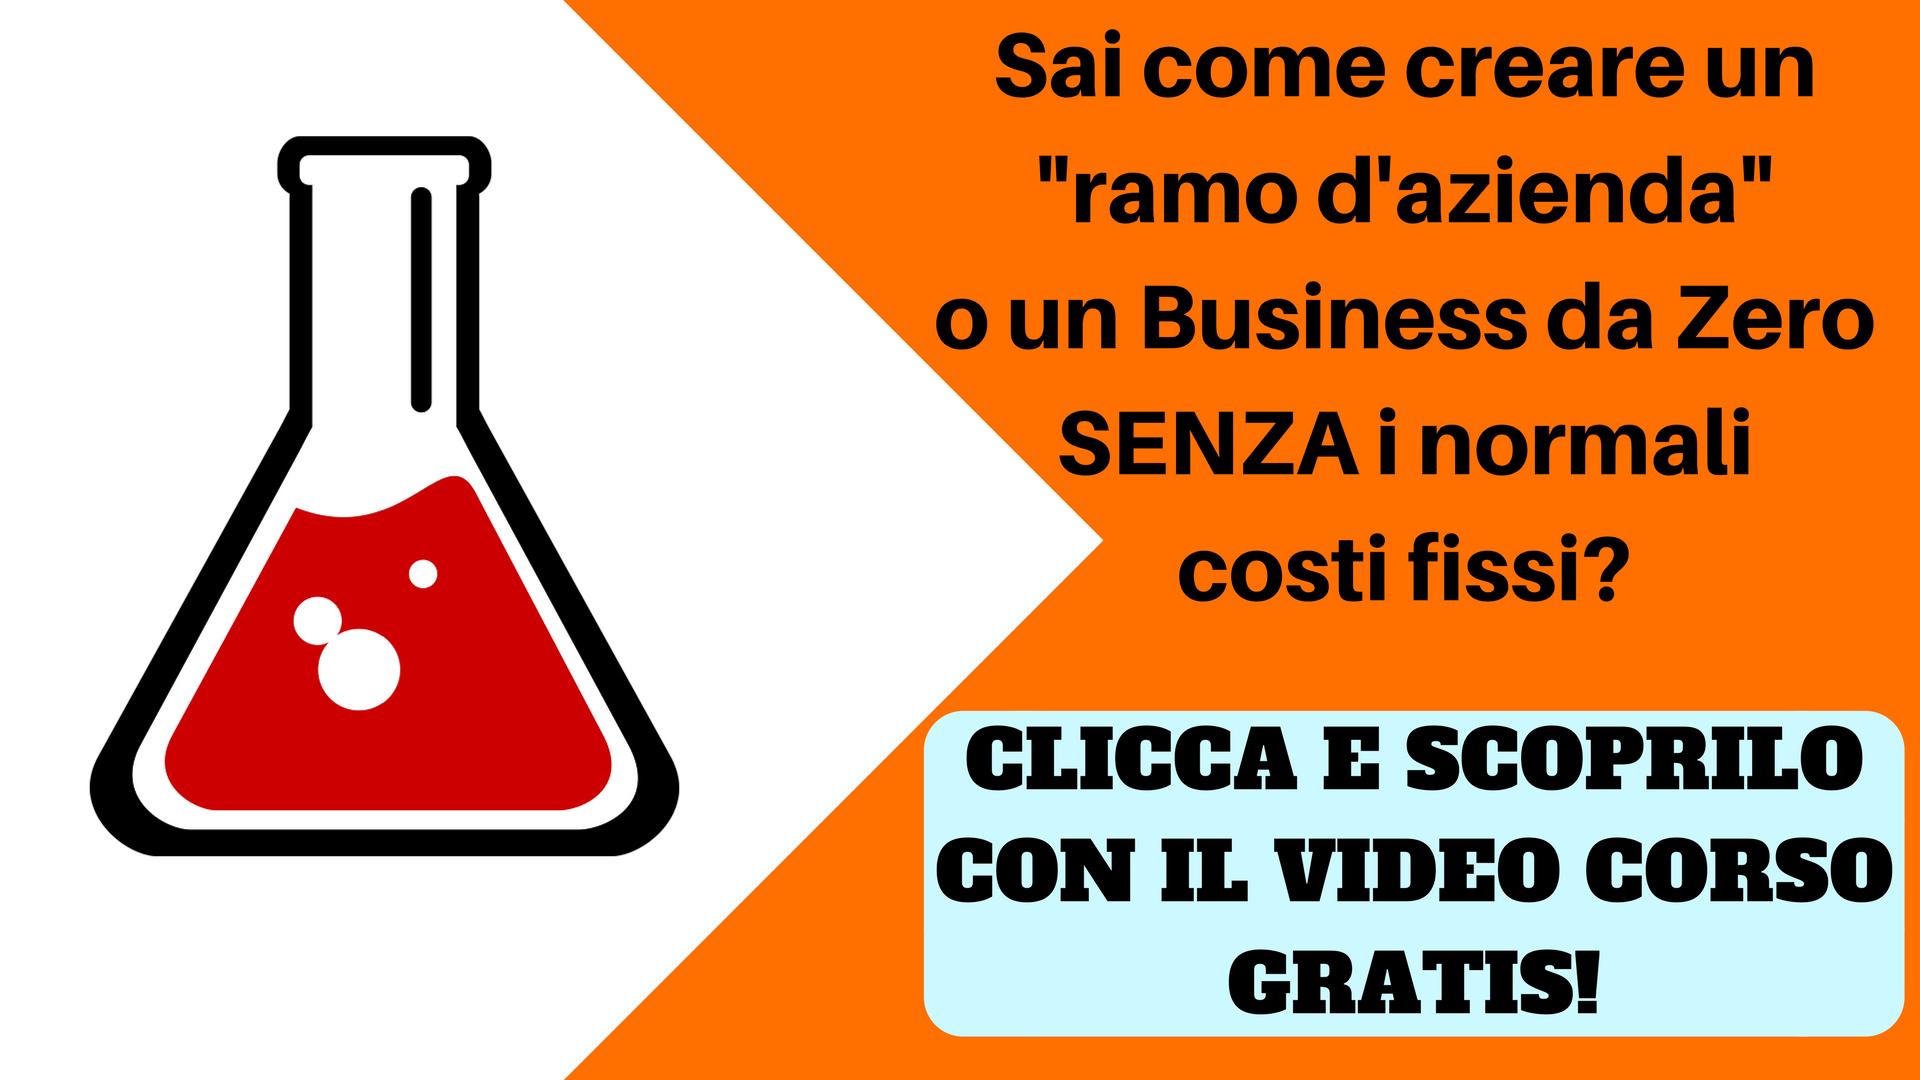 Video Corso GRATIS! (CLICCA sulla foto)